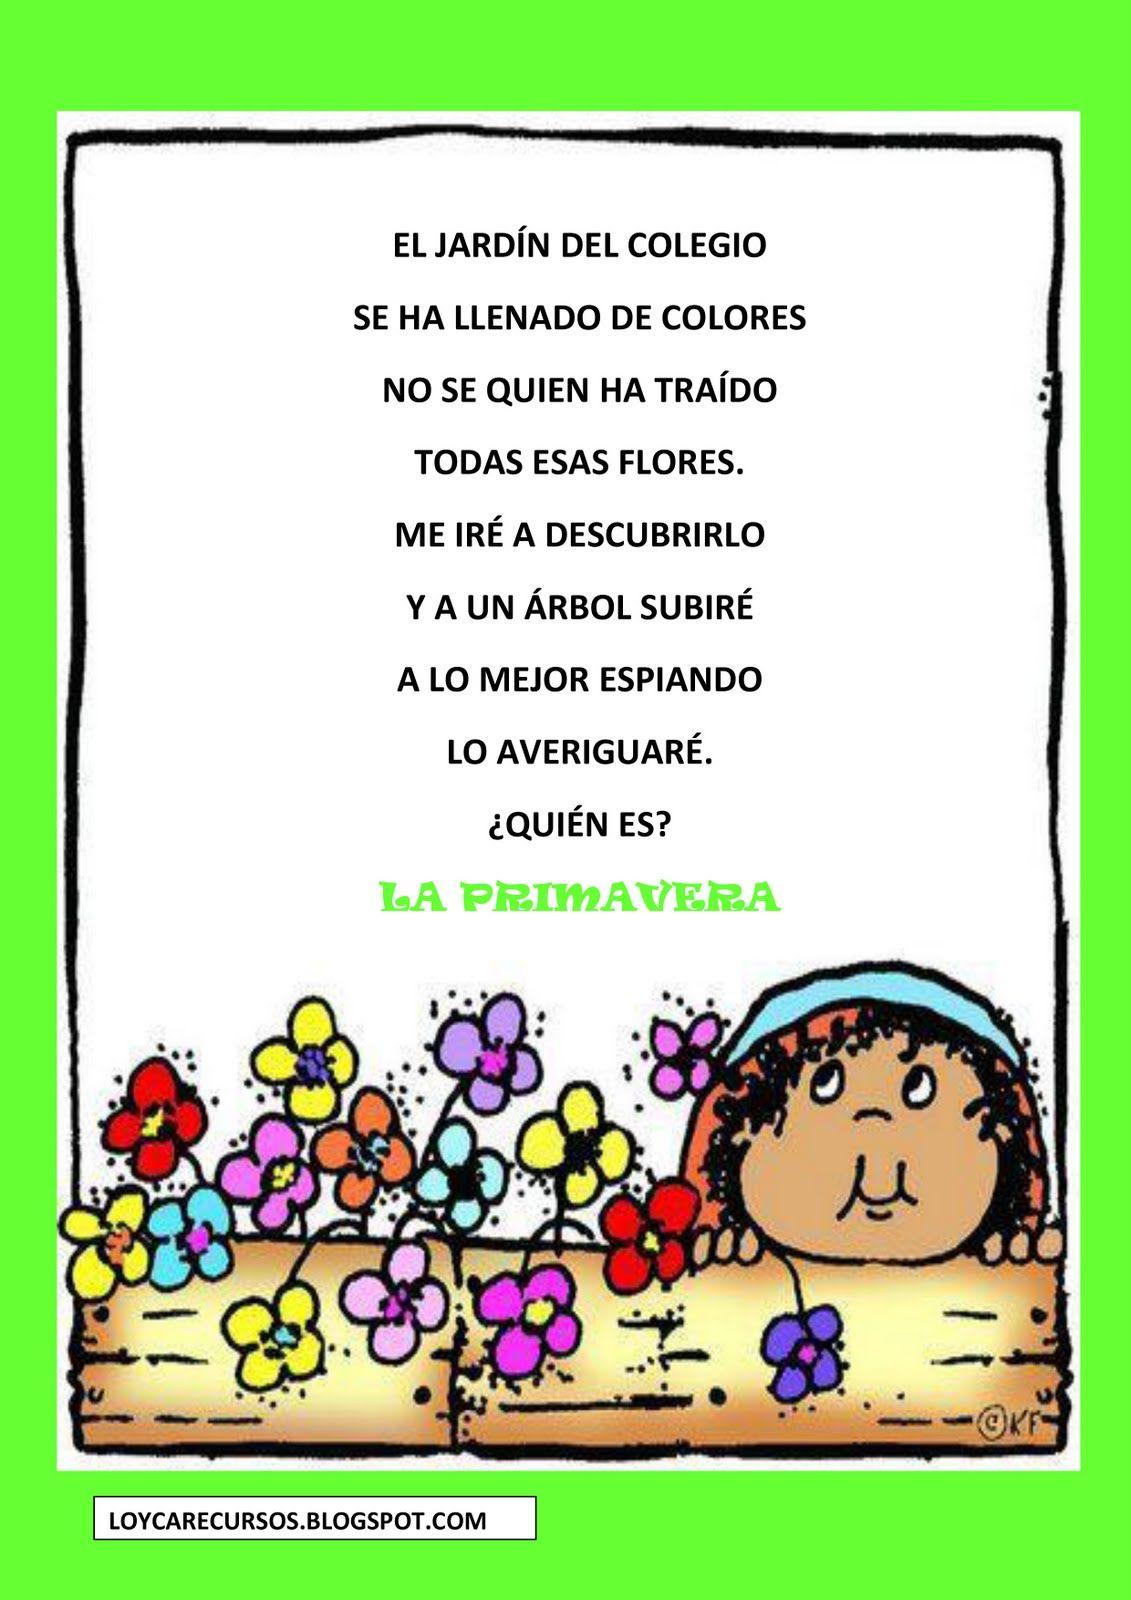 Recursos De Educacion Infantil Poesías De La Primavera Poesia De La Primavera Poesía Para Niños Educacion Infantil